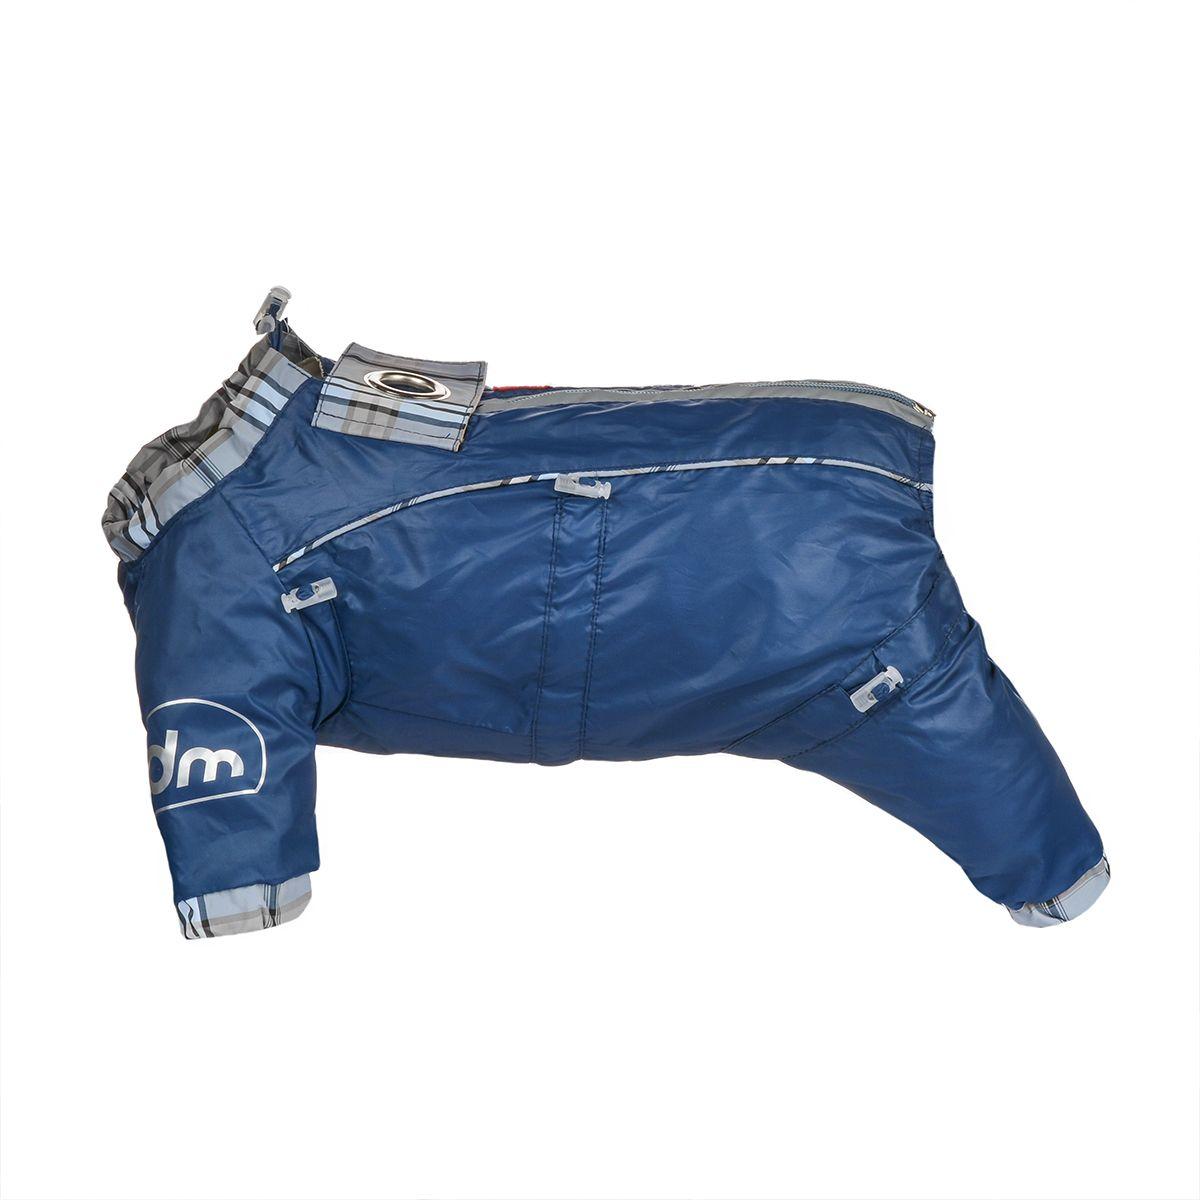 Комбинезон для собак Dogmoda Doggs, для мальчика, цвет: темно-синий. Размер XXXL0120710Комбинезон для собак Dogmoda Doggs отлично подойдет для прогулок в ветреную погоду.Комбинезон изготовлен из полиэстера, защищающего от ветра и осадков, с подкладкой из вискозы, которая обеспечит отличный воздухообмен. Комбинезон застегивается на молнию и липучку, благодаря чему его легко надевать и снимать. Молния снабжена светоотражающими элементами. Низ рукавов и брючин оснащен внутренними резинками, которые мягко обхватывают лапки, не позволяя просачиваться холодному воздуху. На вороте, пояснице и лапках комбинезон затягивается на шнурок-кулиску с затяжкой. Модель снабжена непромокаемым карманом для размещения записки с информацией о вашем питомце, на случай если он потеряется.Благодаря такому комбинезону простуда не грозит вашему питомцу и он не даст любимцу продрогнуть на прогулке.